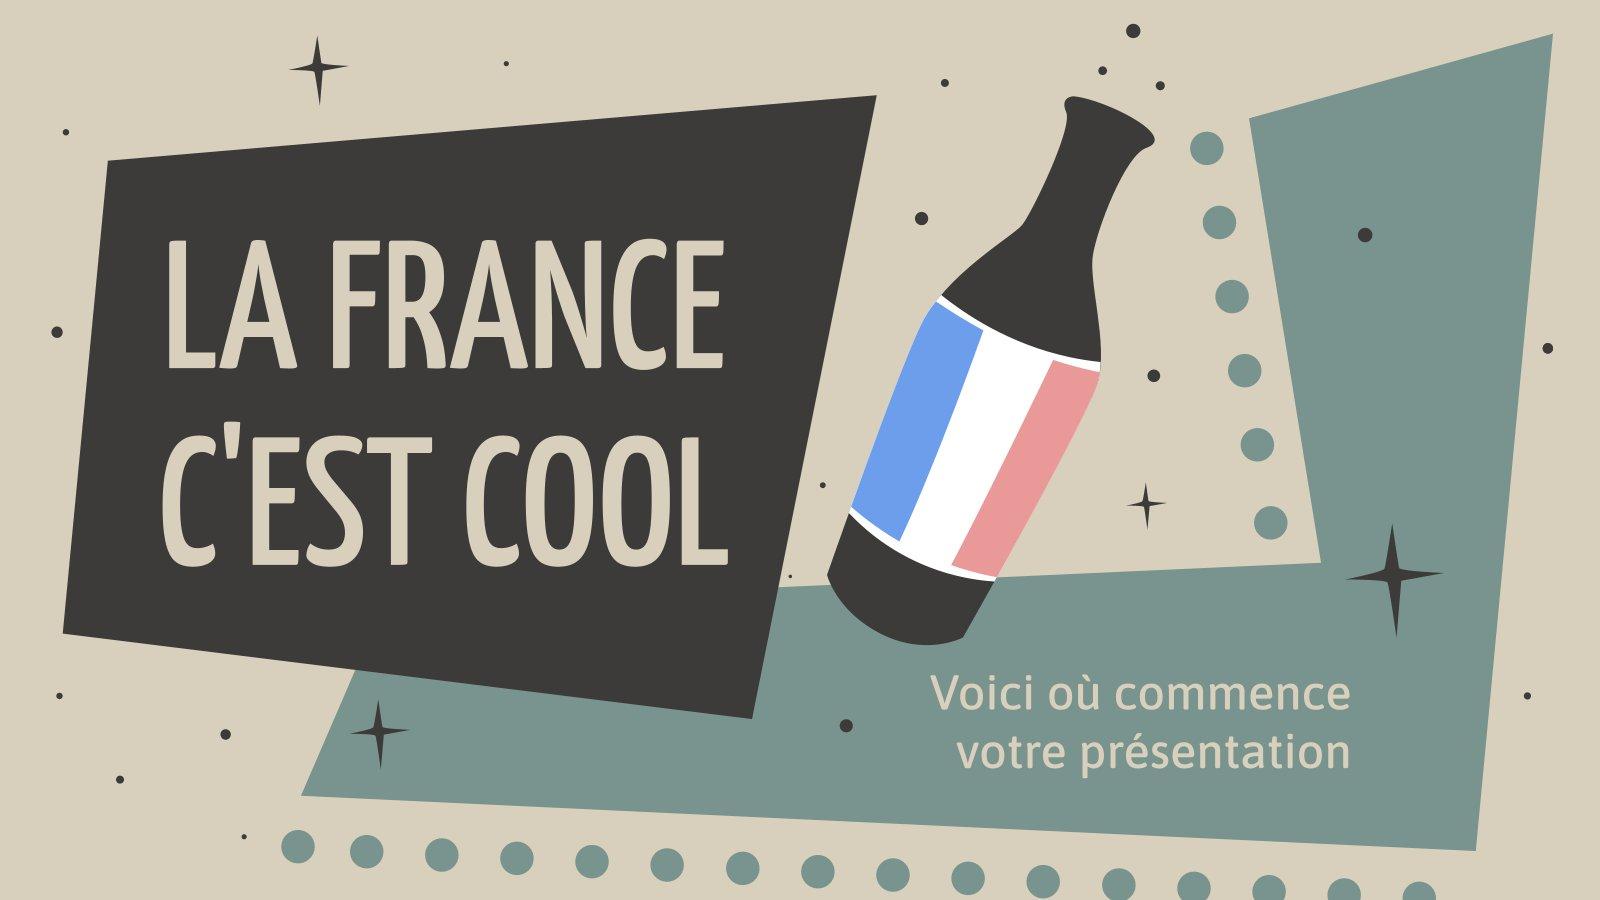 La France C'est Cool presentation template